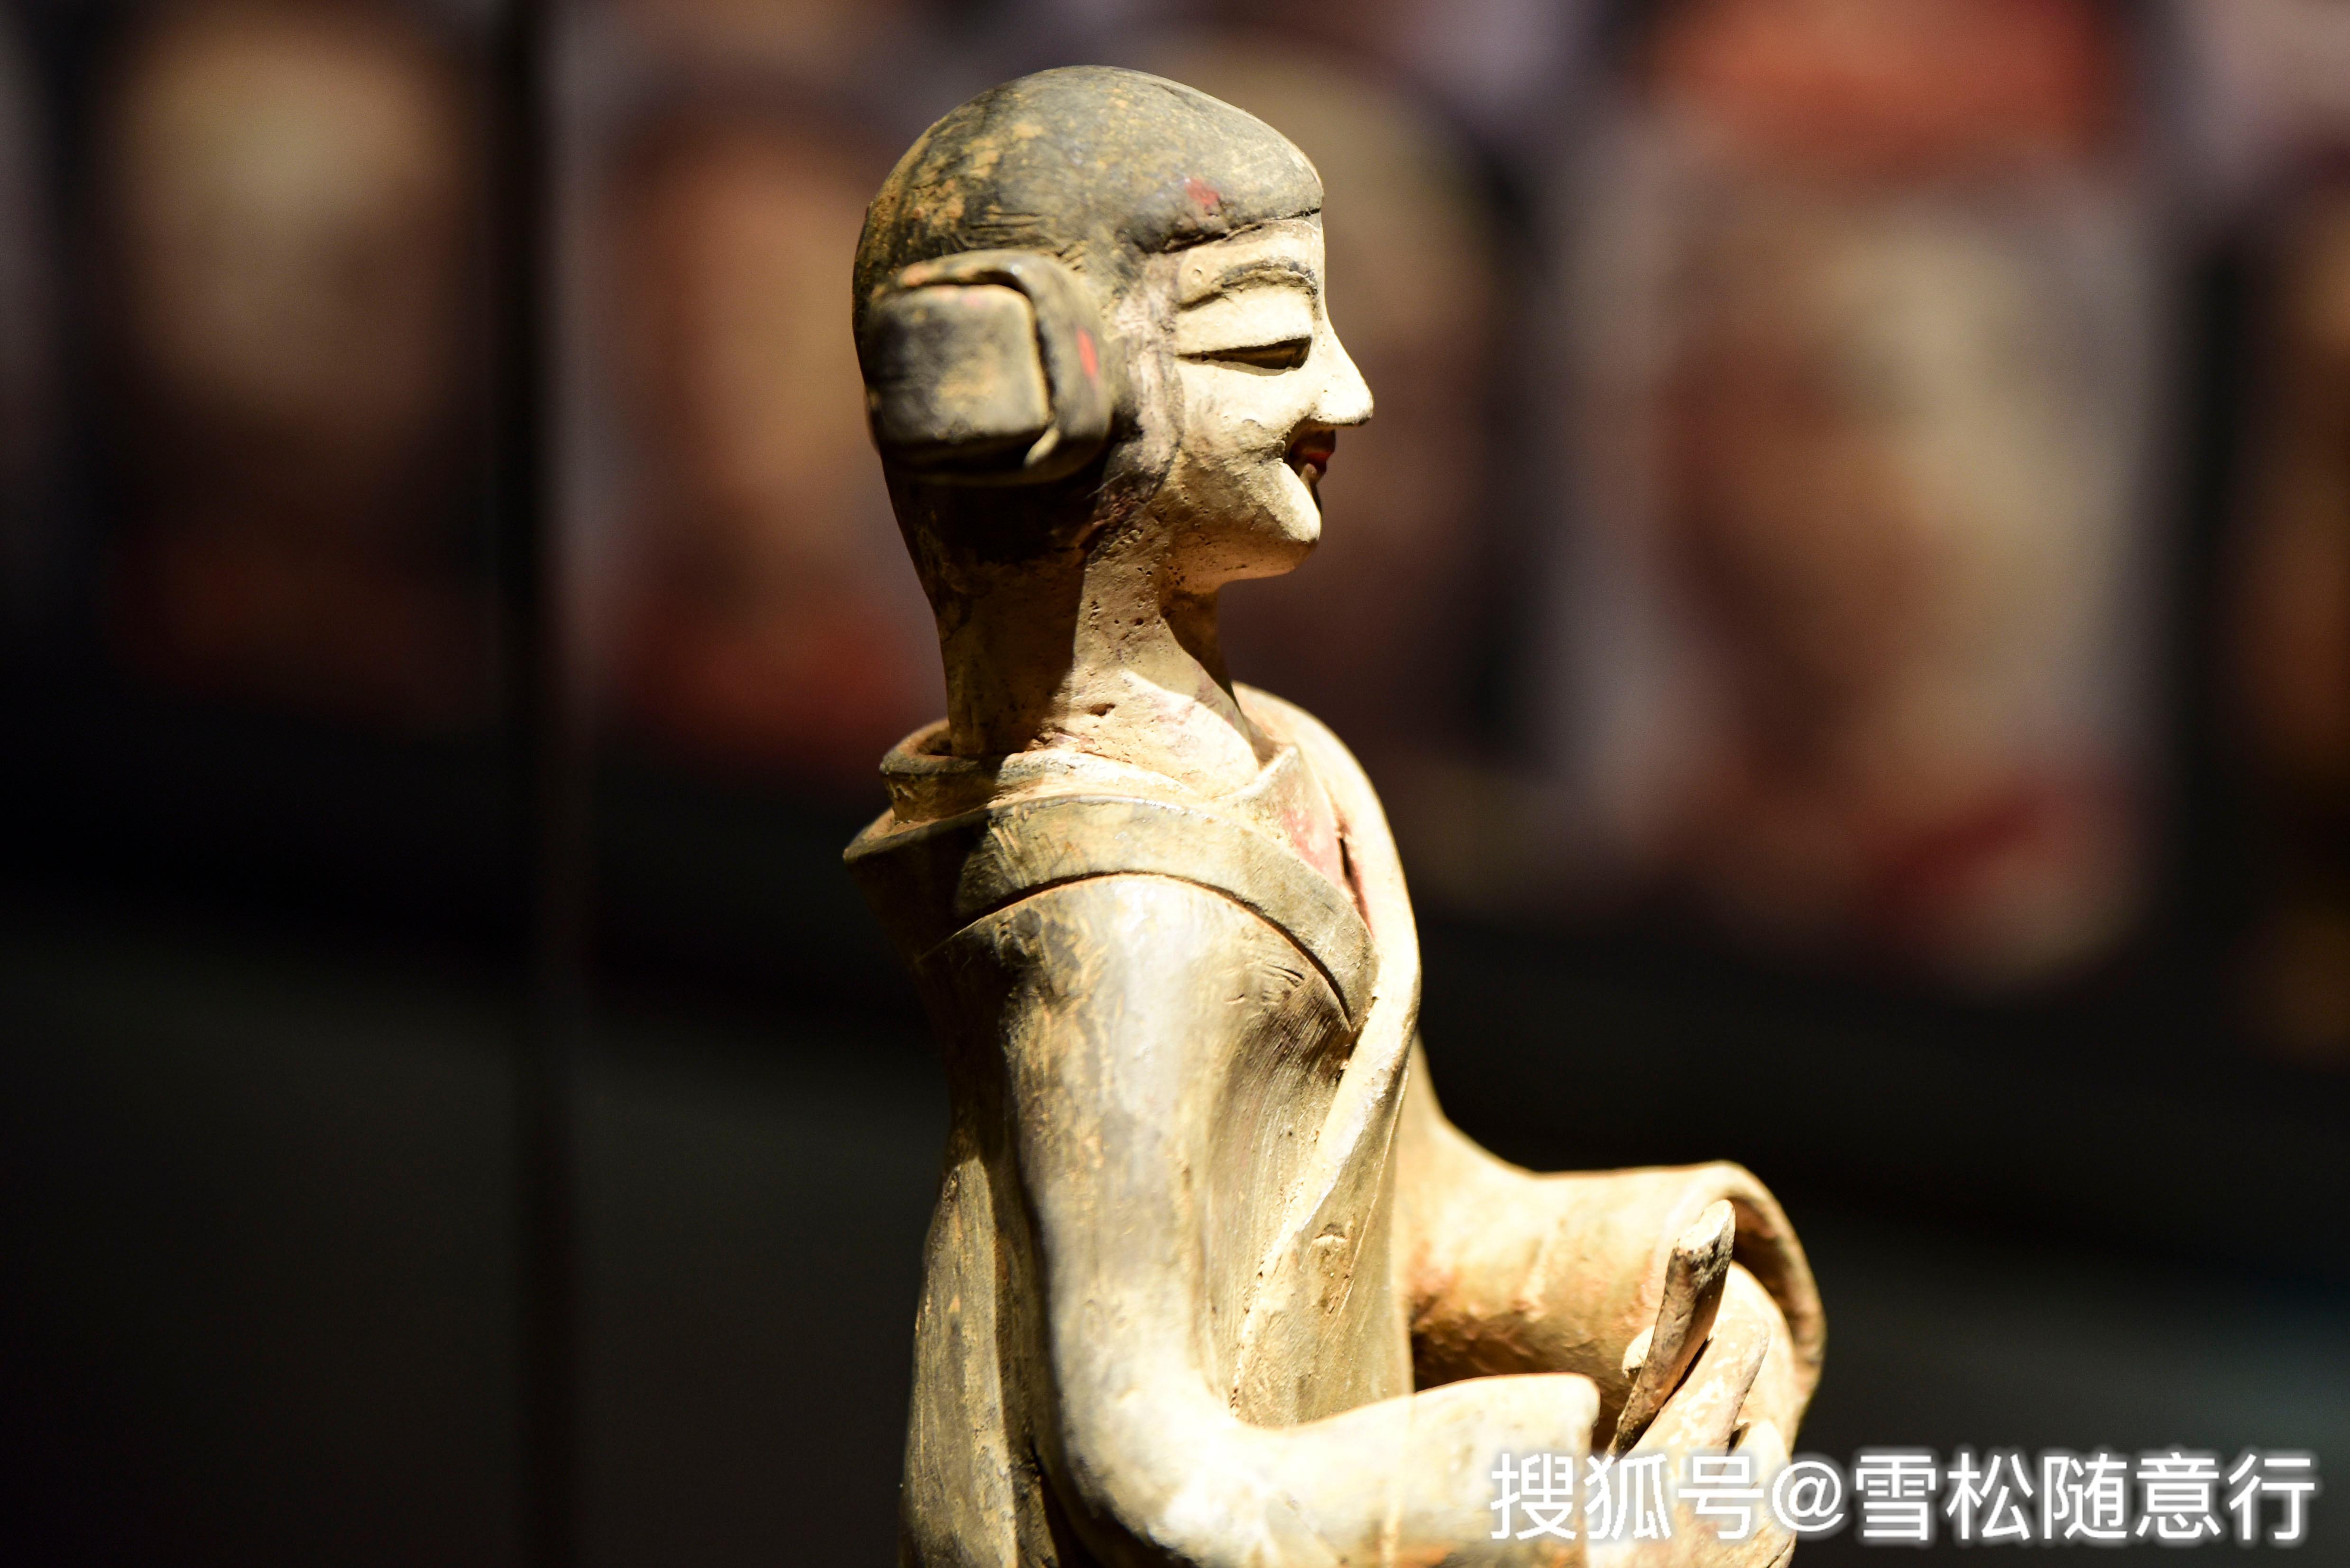 徐州博物馆内现千年灿烂微笑女陶佣,比蒙娜丽莎的微笑早几百年